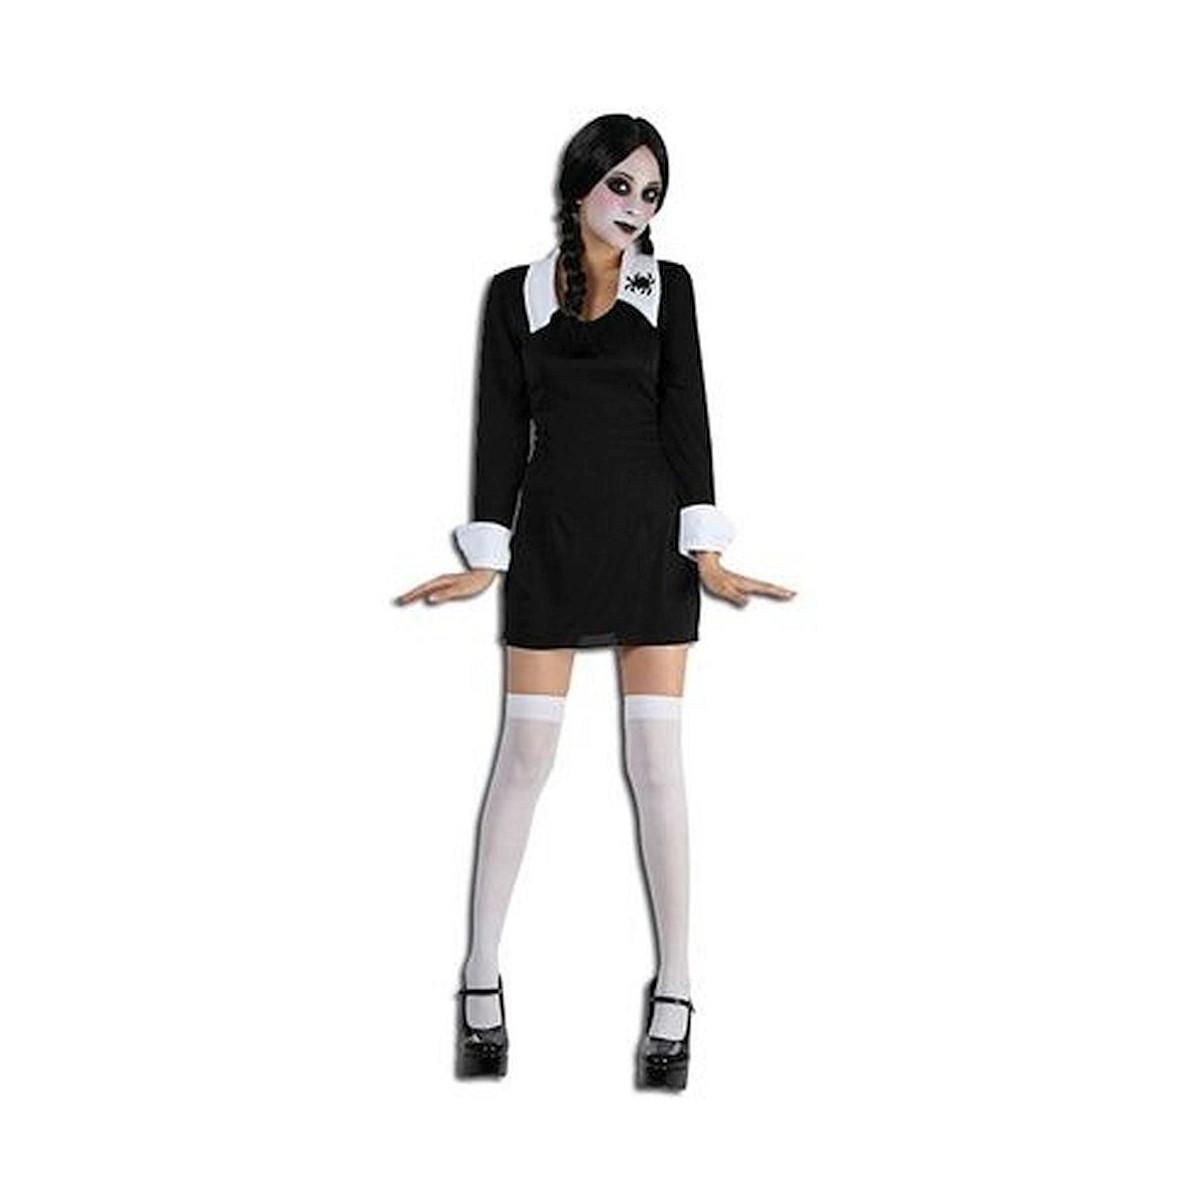 metà fuori pensieri su moderno ed elegante nella moda Costume Mercoledi bimba La Famiglia Addams